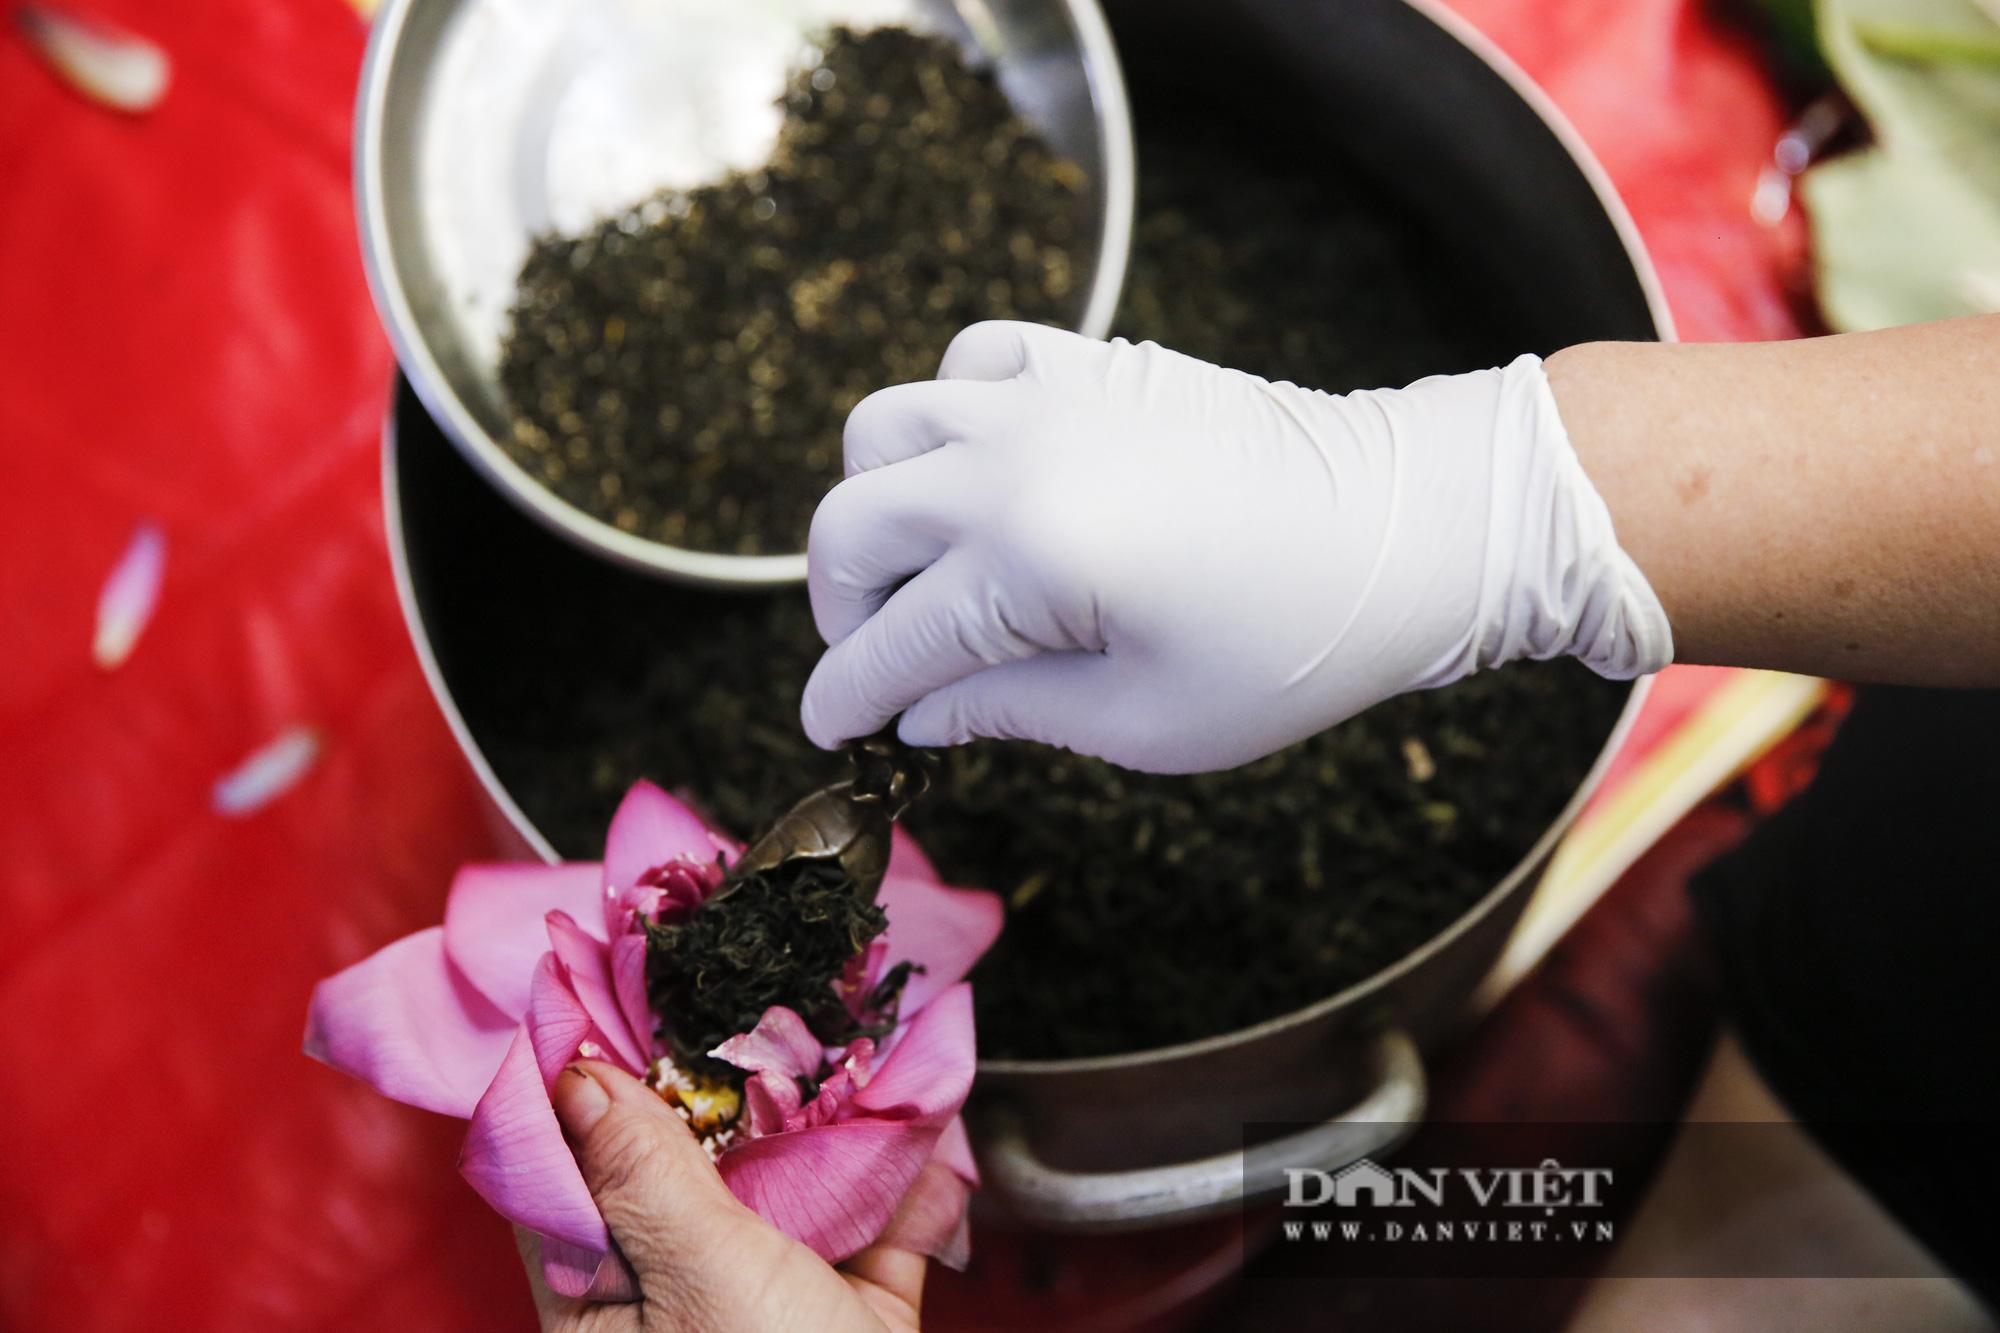 Tận mắt xem quy trình ướp trà sen đắt nhất Việt Nam - Ảnh 11.